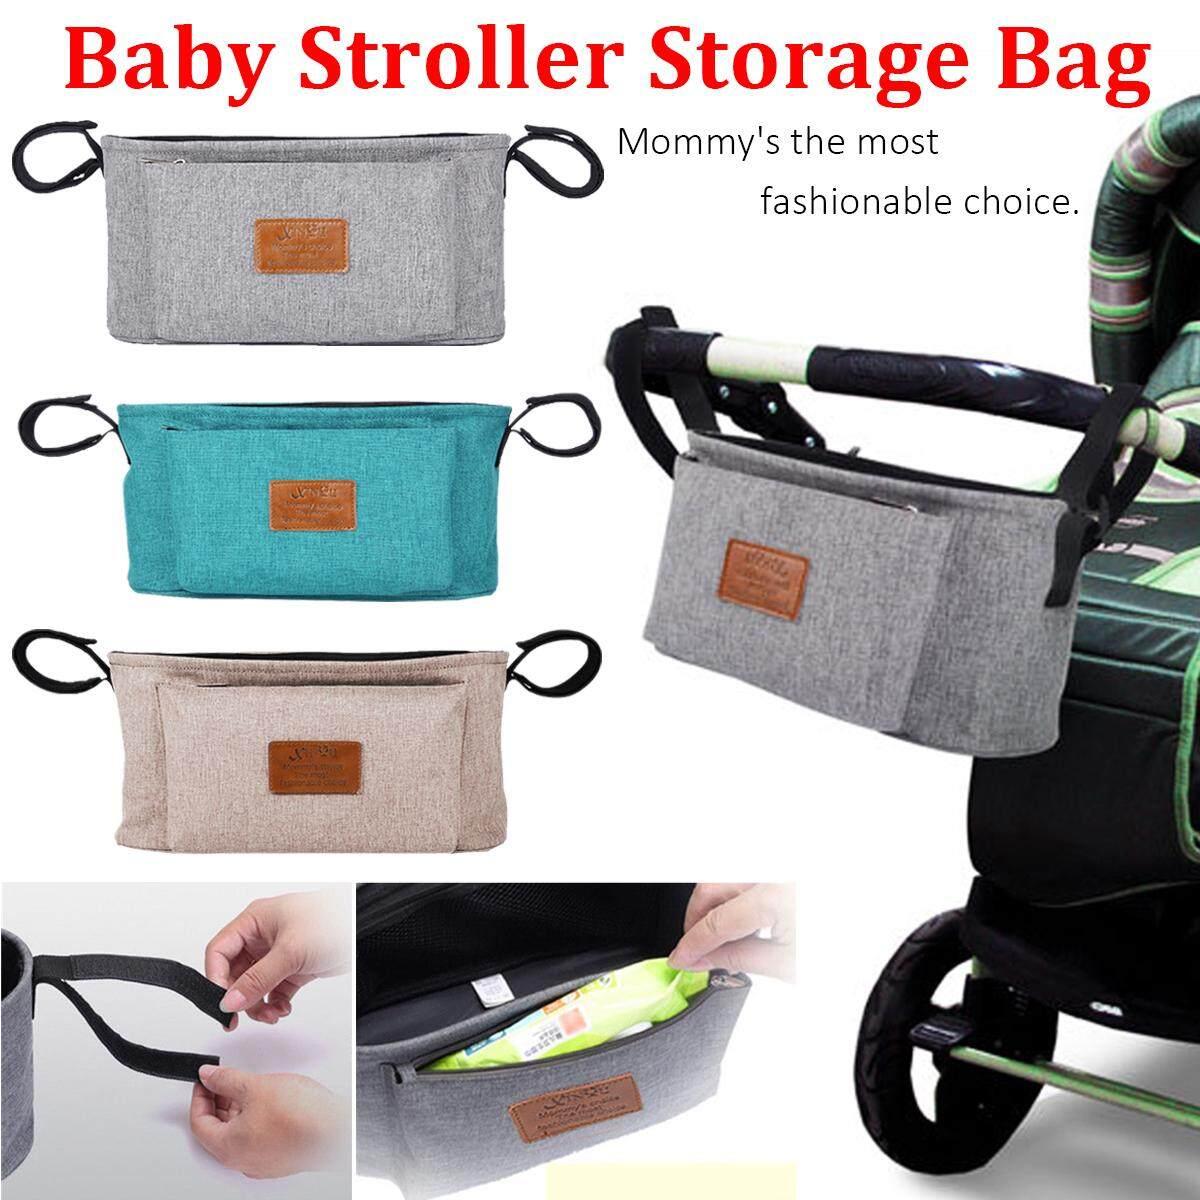 Cek Harga Baru Bayi Kereta Dorong Perjalanan Organizer Stroller Storage Tempat Penyimpanan Anak Tas Botol Pemegang Popok Langit Biru